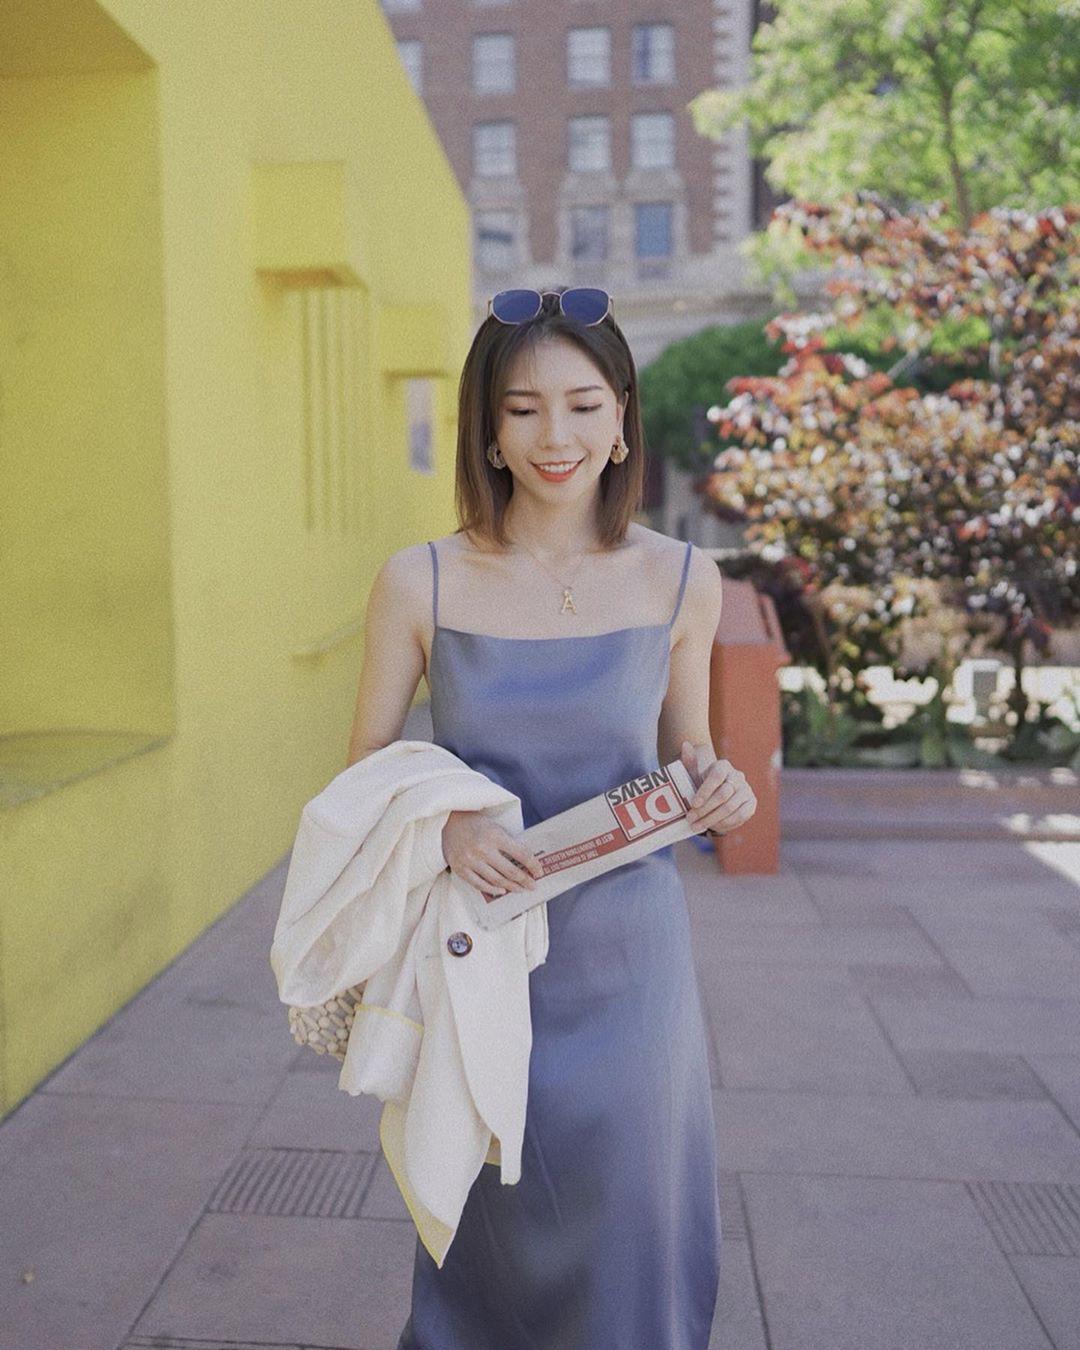 """4 mẫu váy đơn giản nhưng thừa độ sang chảnh, tinh tế giúp style của chị em """"sang trang"""" mới huy hoàng - Ảnh 8"""